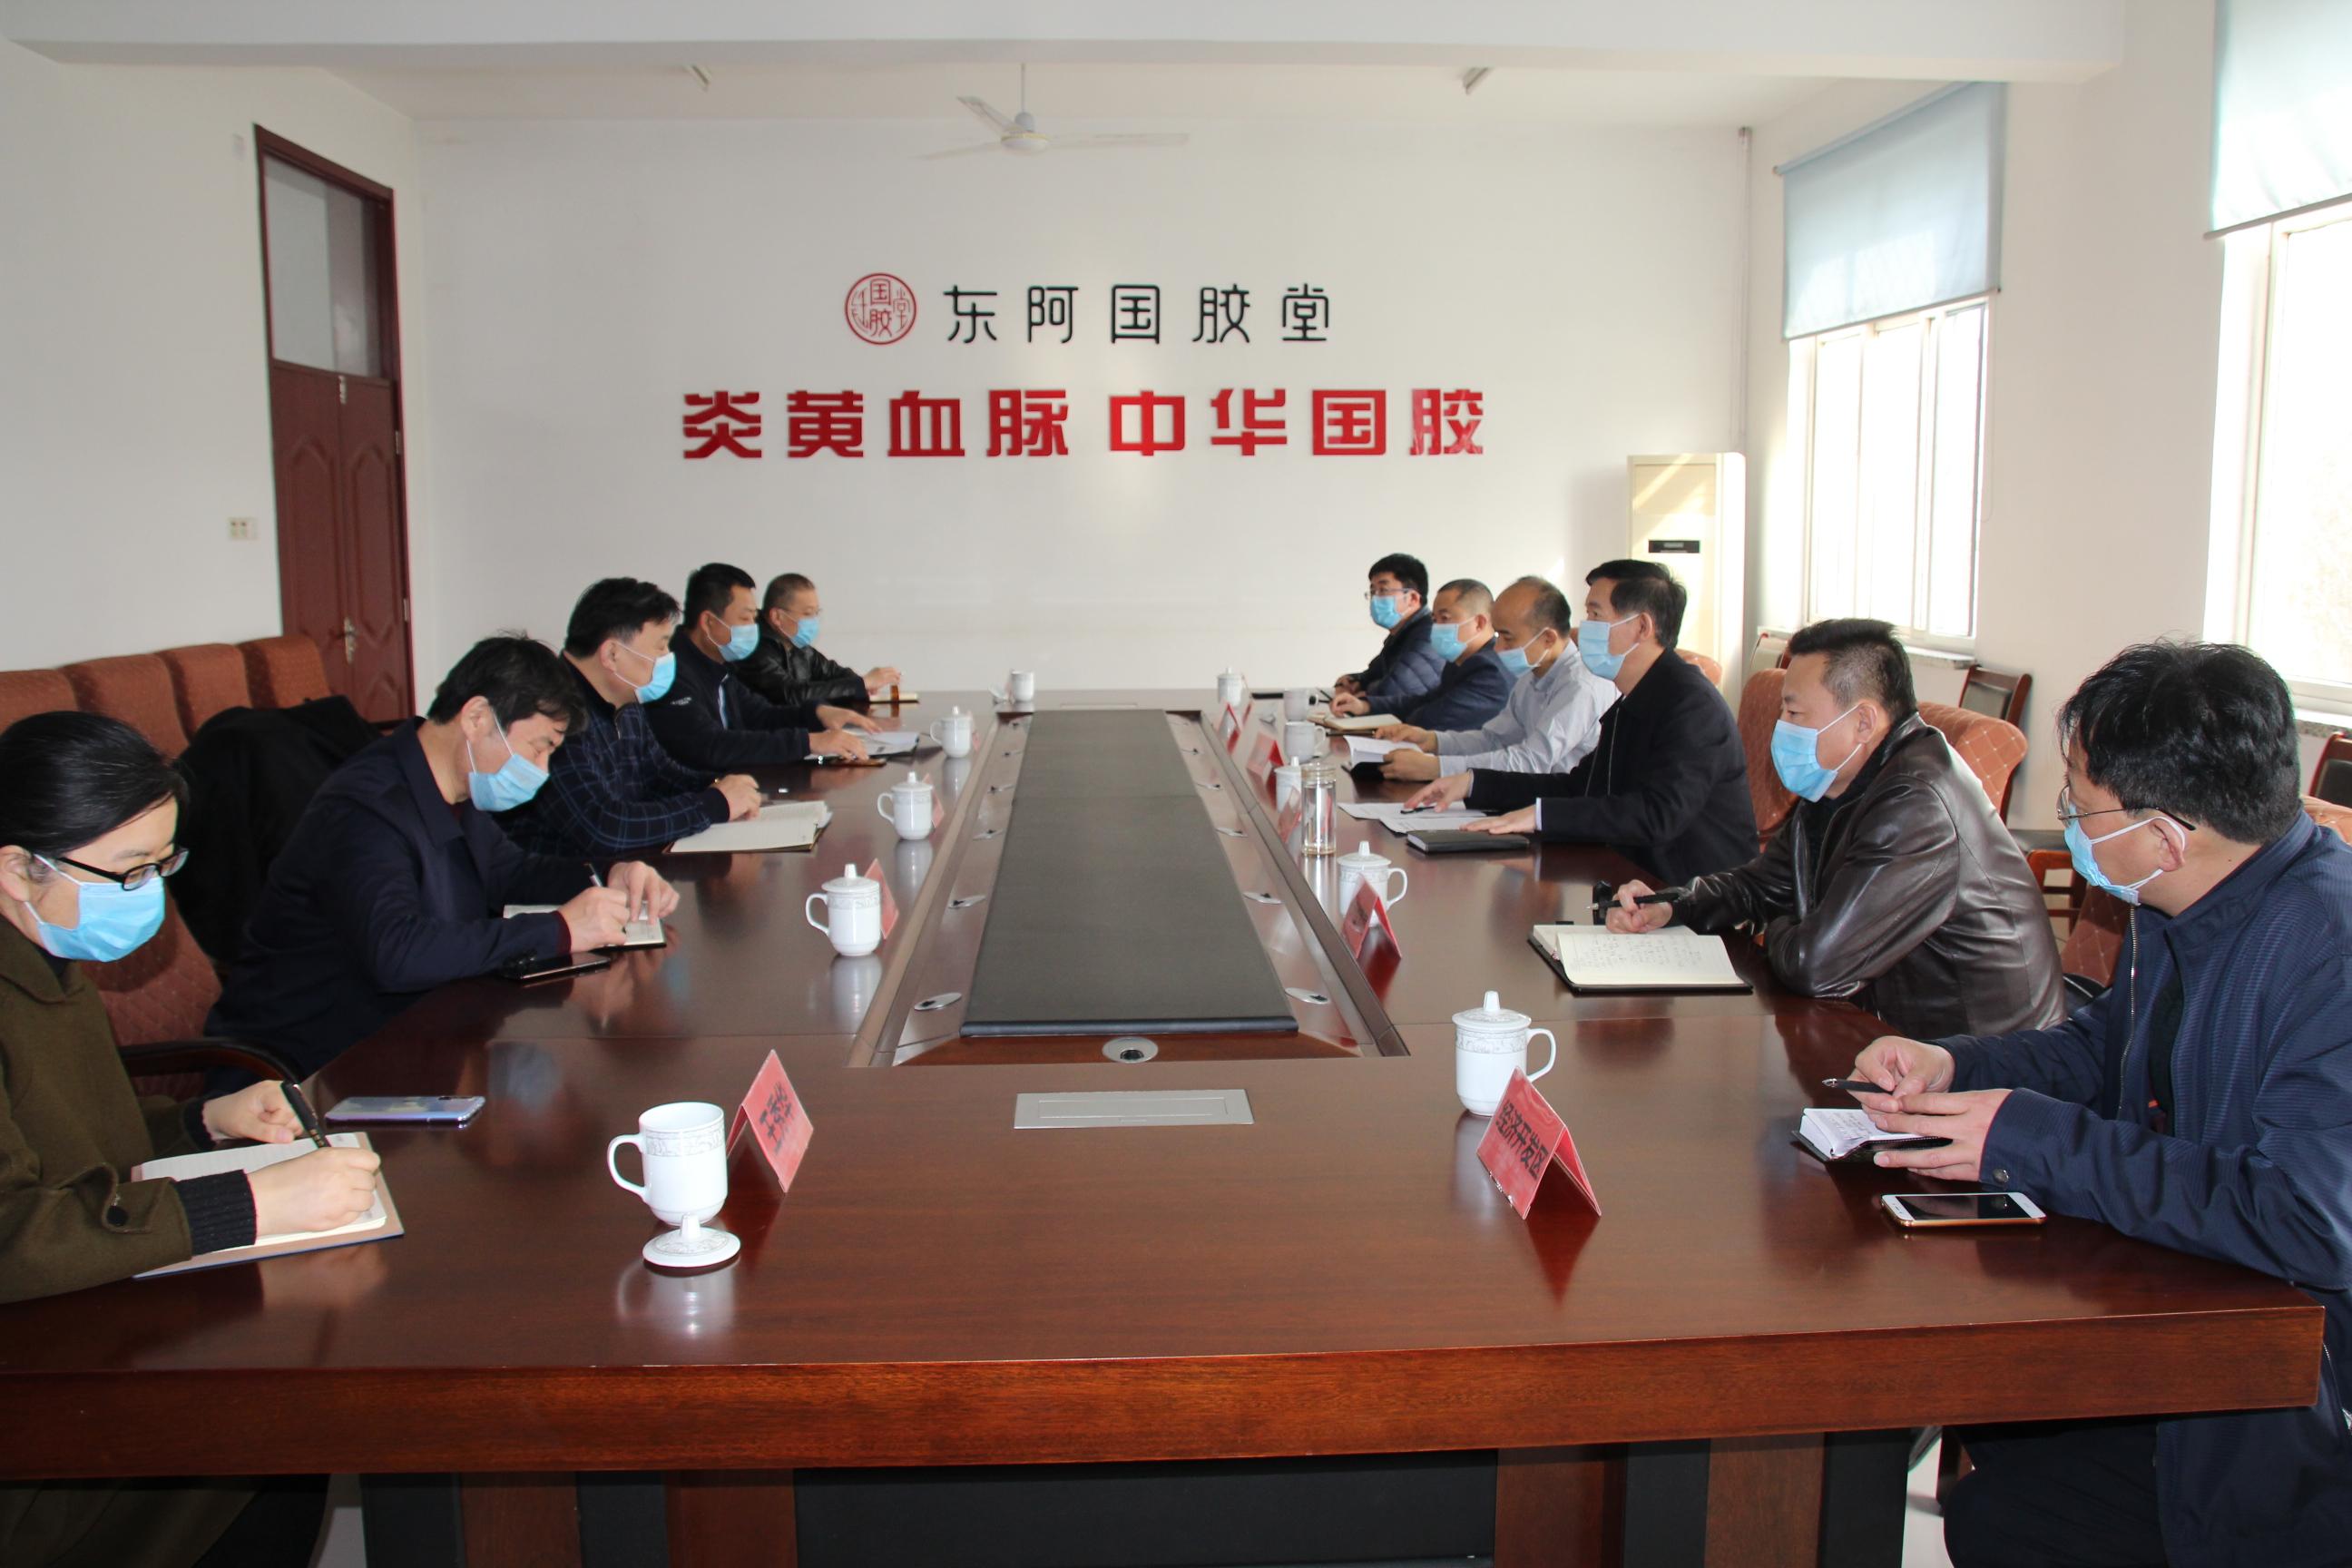 马广朋县长对接帮扶企业东阿国胶堂,解决实际问题插图